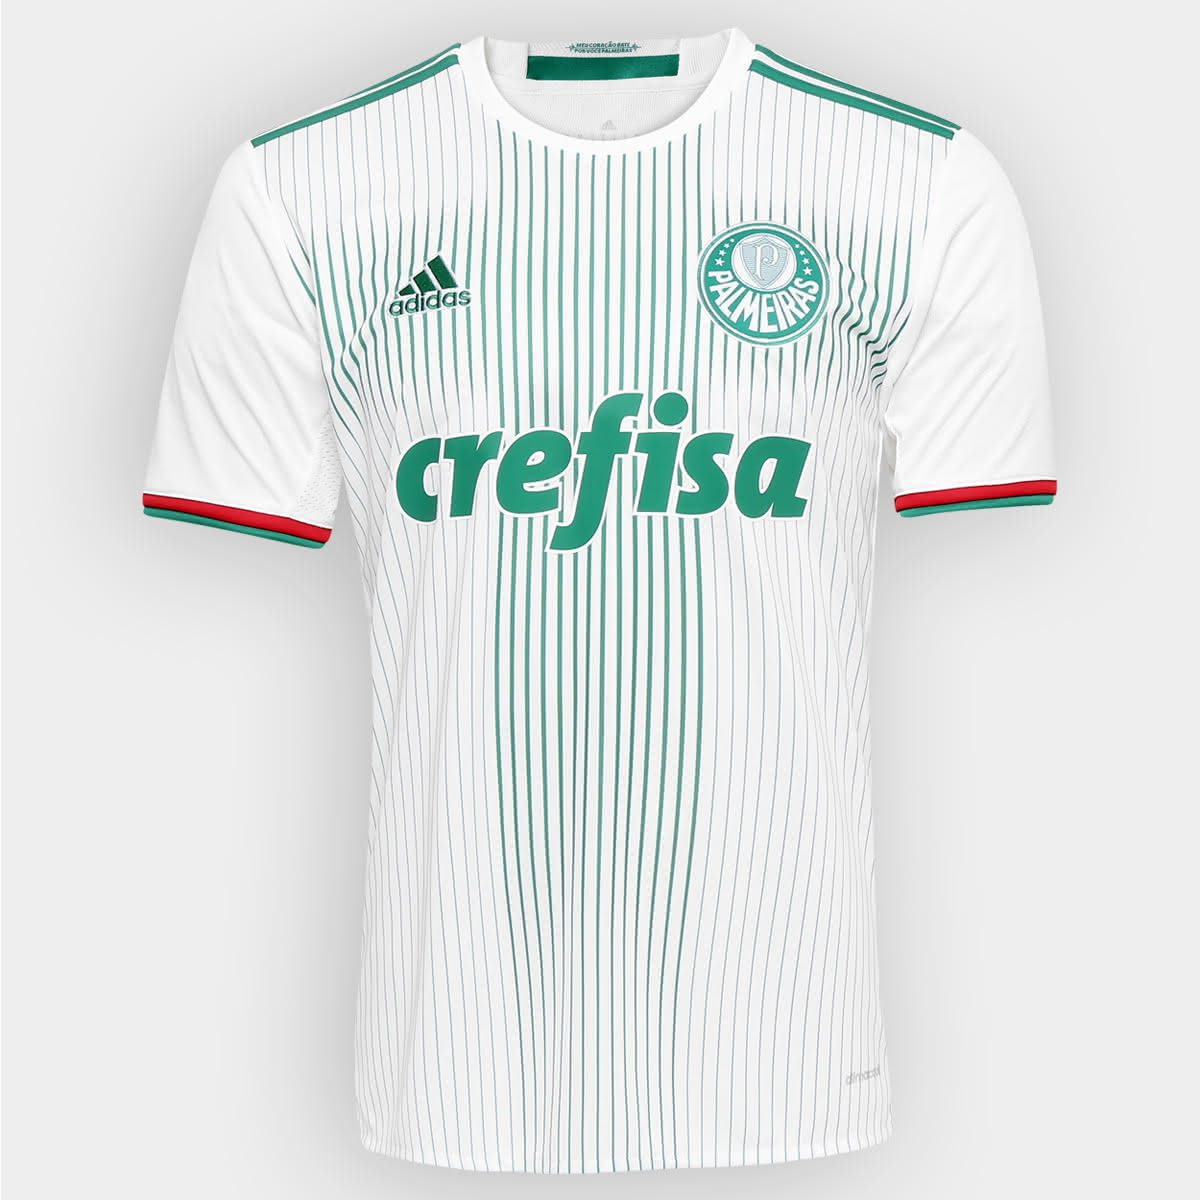 9aa36fc6f64 Os produtos do Palmeiras na Netshoes ocupam um lugar de destaque na loja  online. Veja alguns dos principais modelos de camisas vendidos online.